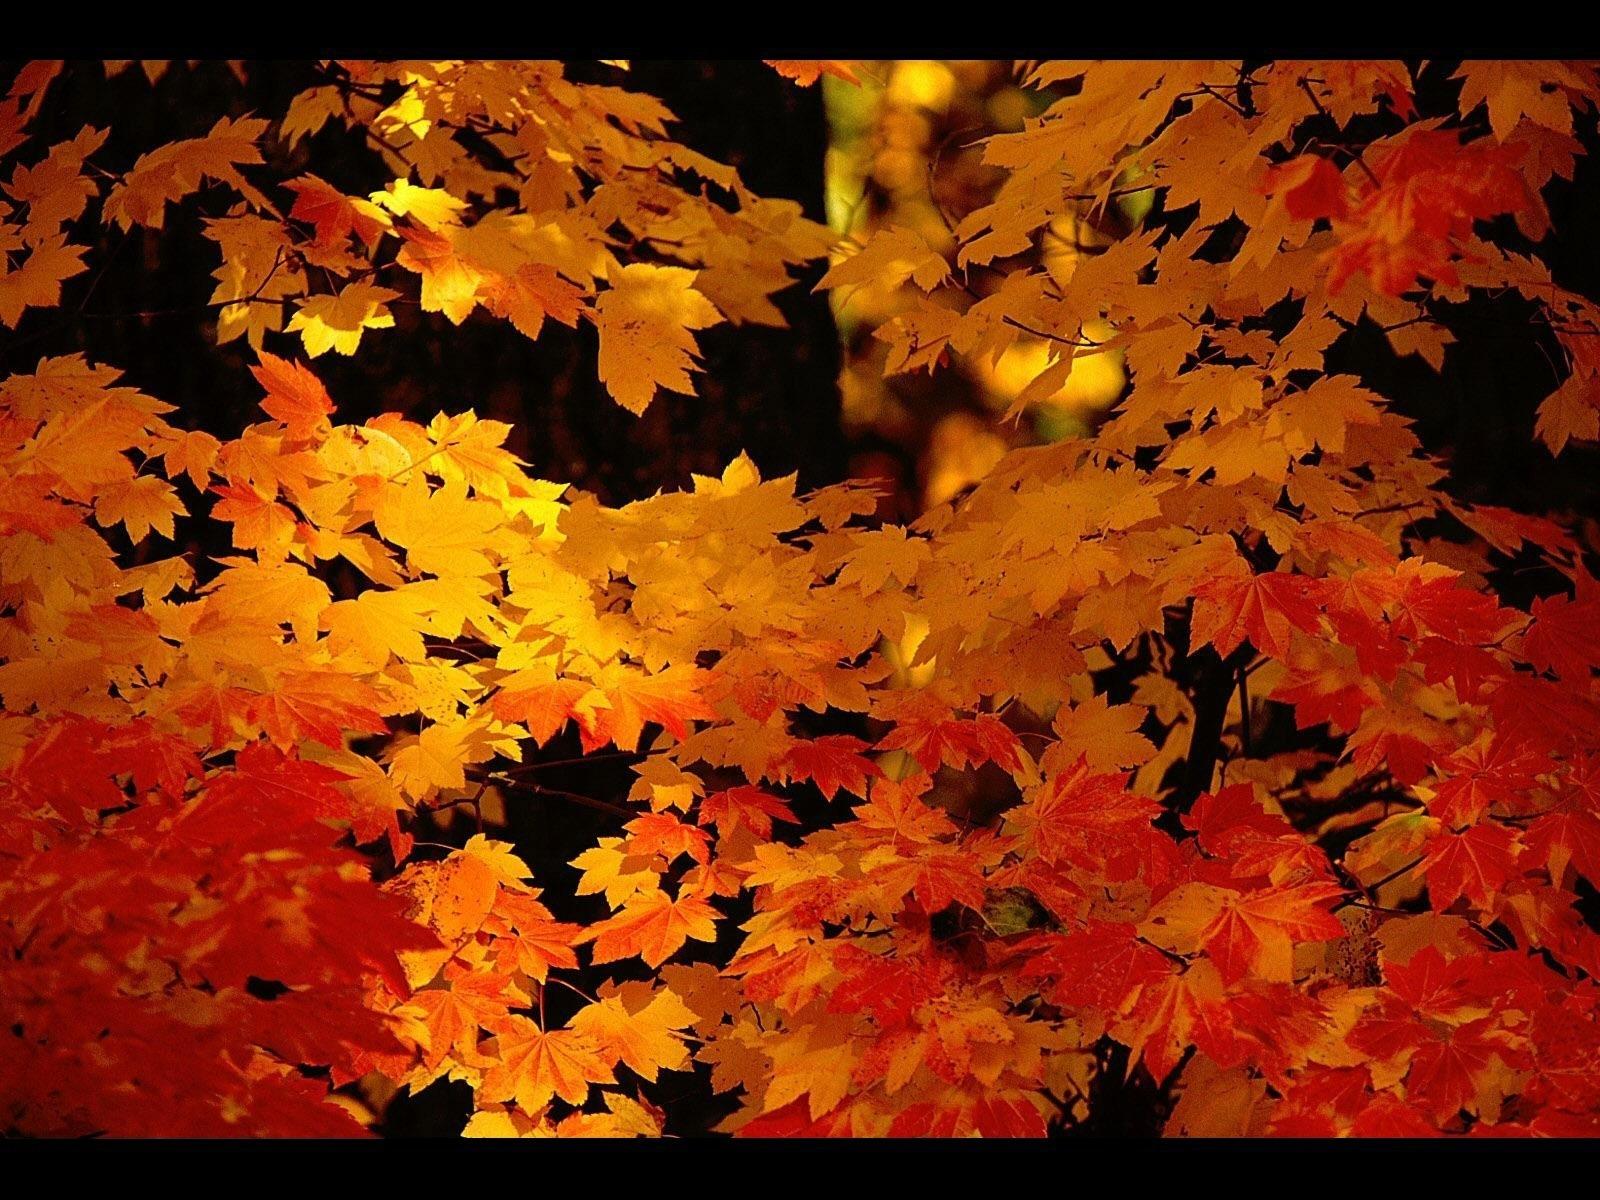 5612 скачать обои Растения, Пейзаж, Осень, Листья - заставки и картинки бесплатно